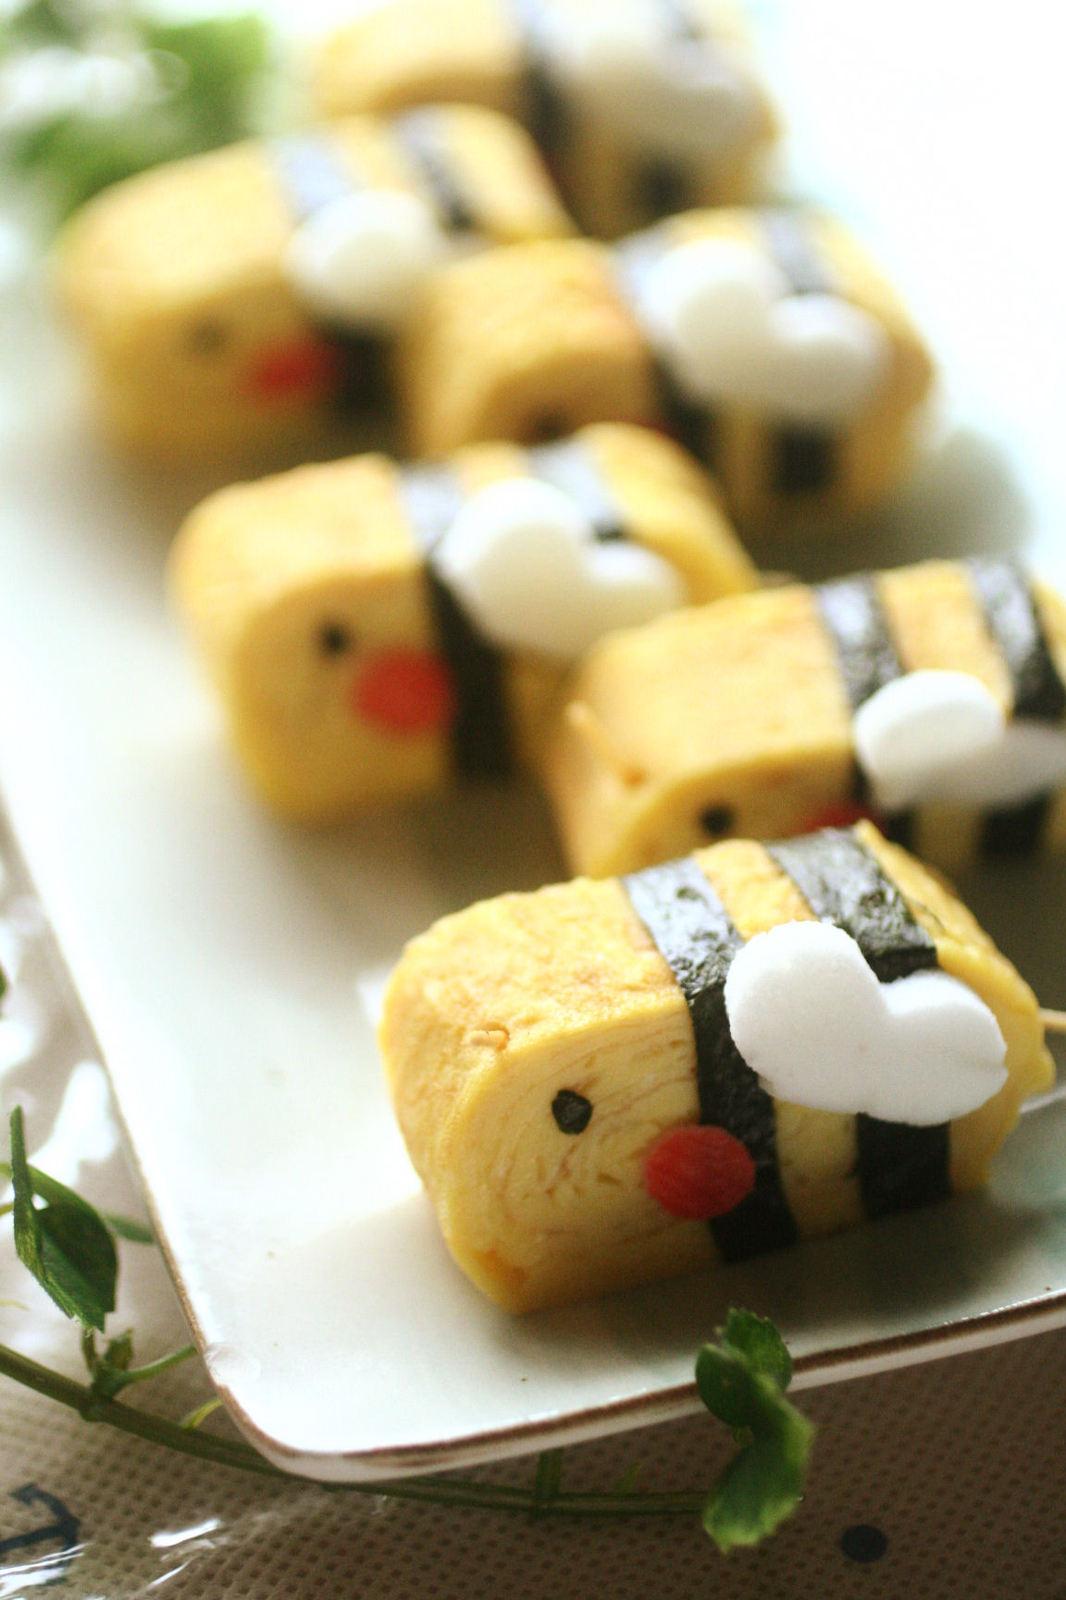 おいしい卵焼きを作る女子って素敵♡基本の卵焼きのレシピ&具材いろいろ!